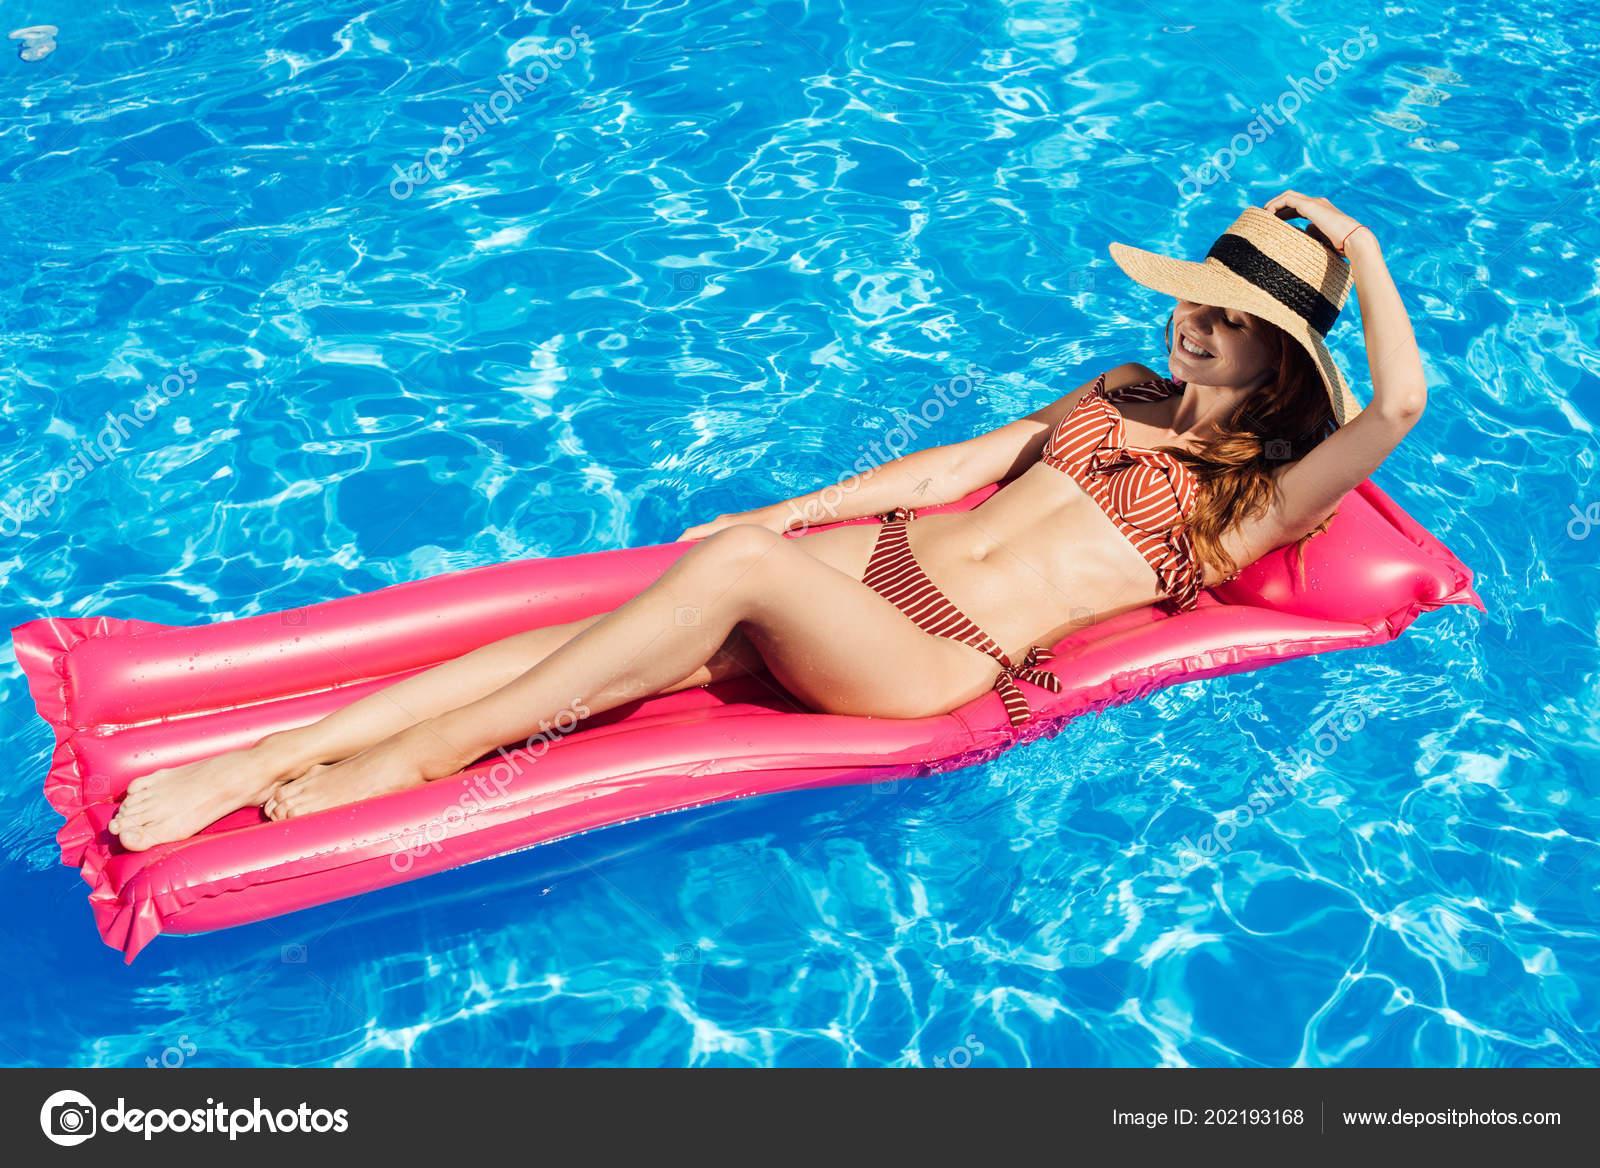 Kết quả hình ảnh cho floating bikini